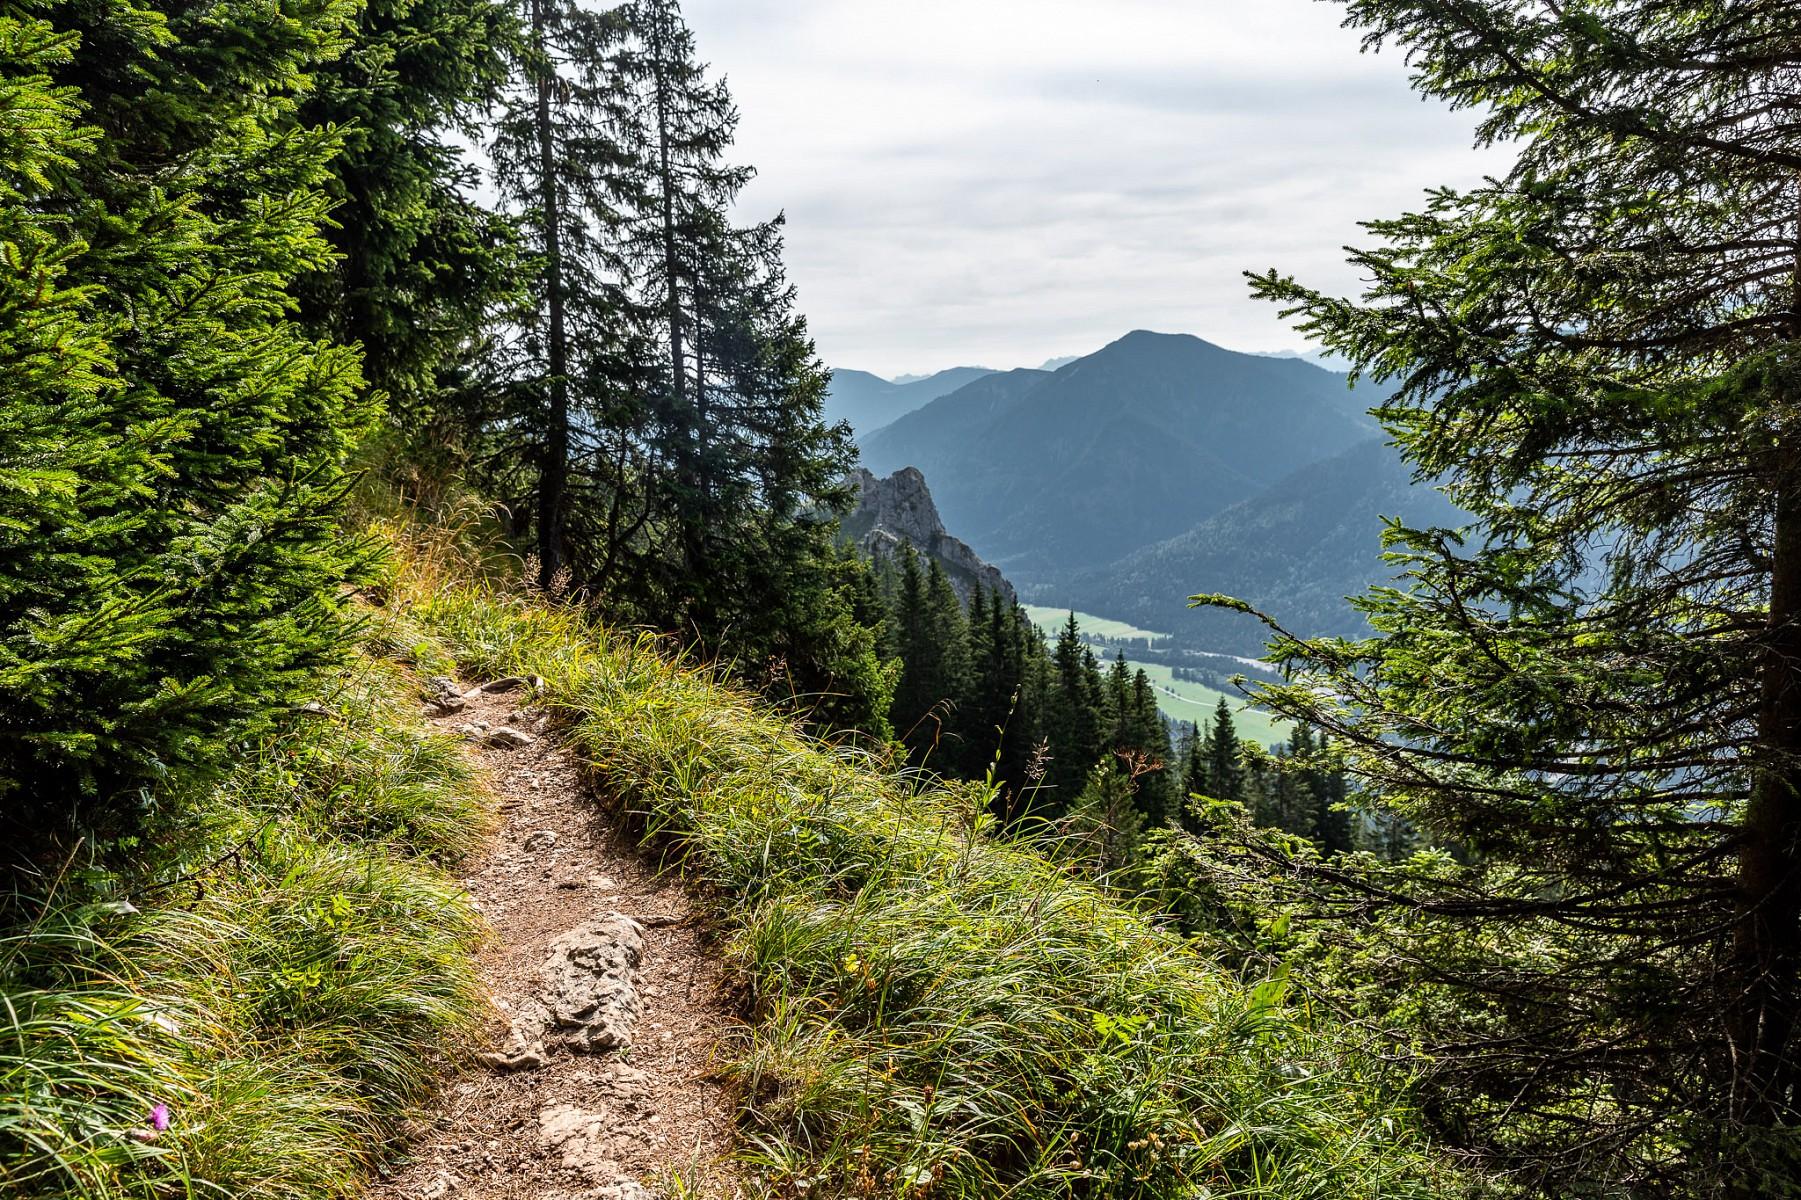 pNach-einer-Etappe-durch-einsame-Waumllder-wandern-wir-nun-ein-Stuumlck-auf-dem-Maximiliansweg-durch-den-NaturparknbspAmmergauer-Alpen-ndash-vom-Schloss-Linderhof-im-Graswangtal-bis-nach-Unterammergaunbspp